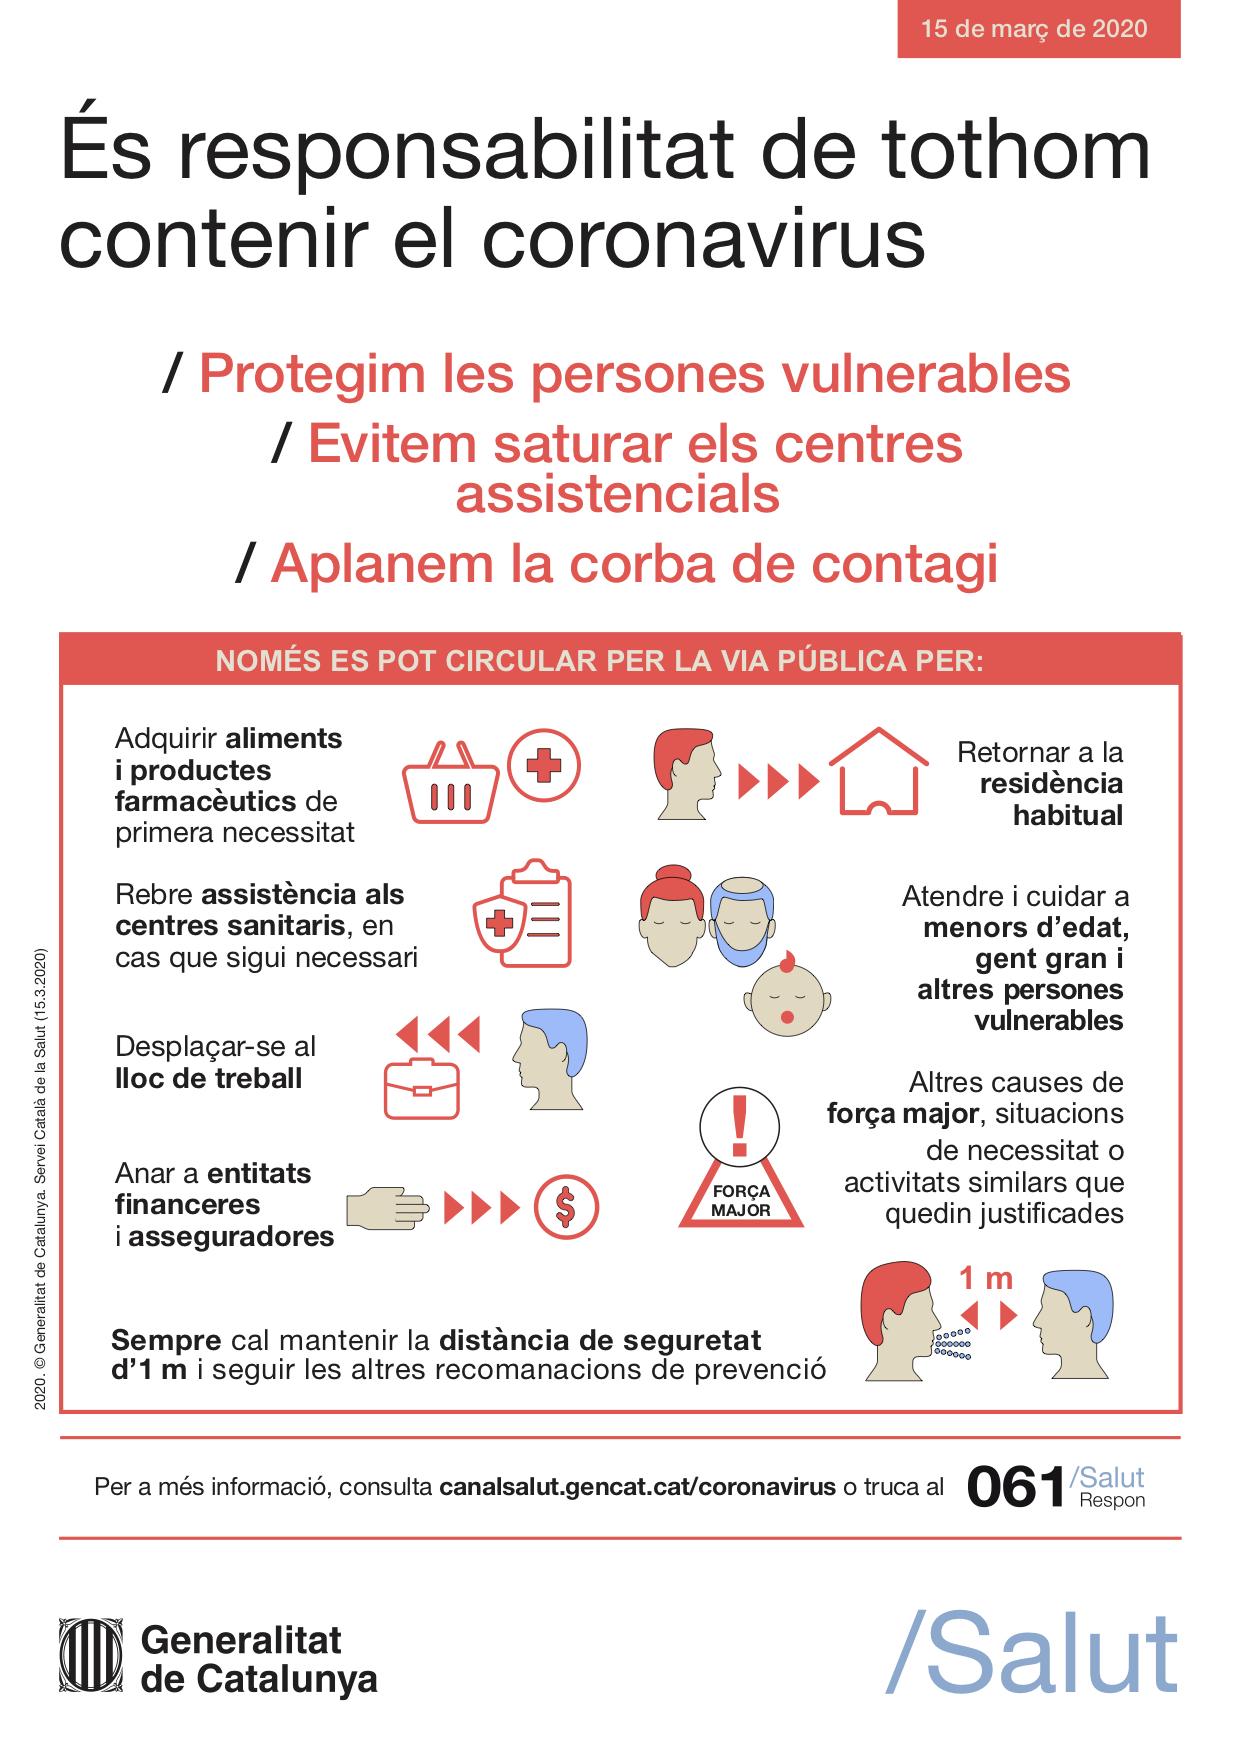 contenir-el-coronavirus-es-responsabilitat-de-tothom-mesures-alarma (2).jpg